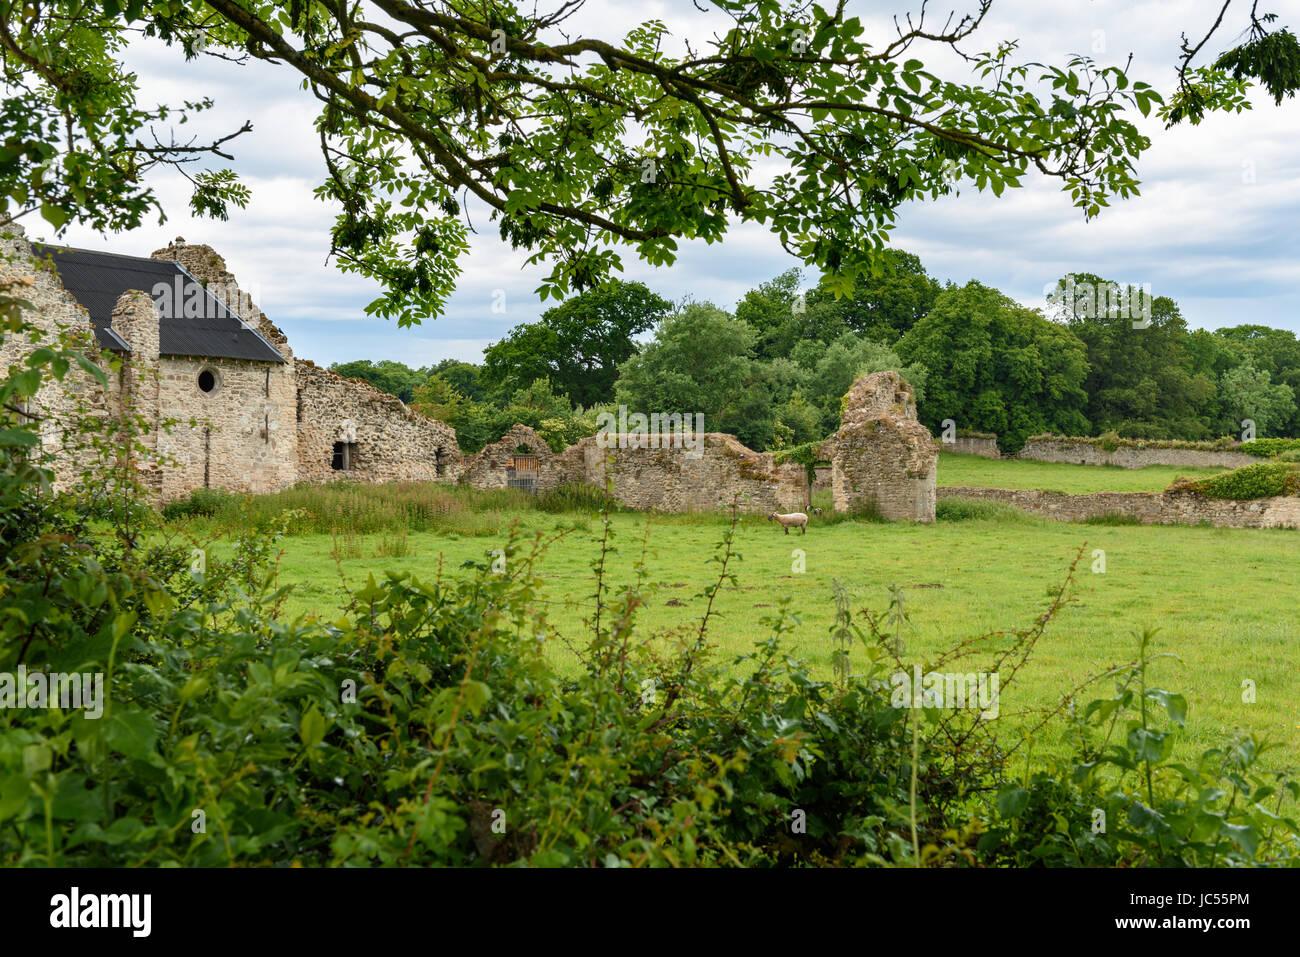 Rovine medievali di Quarr Abbey, Isle of Wight, Regno Unito Foto Stock